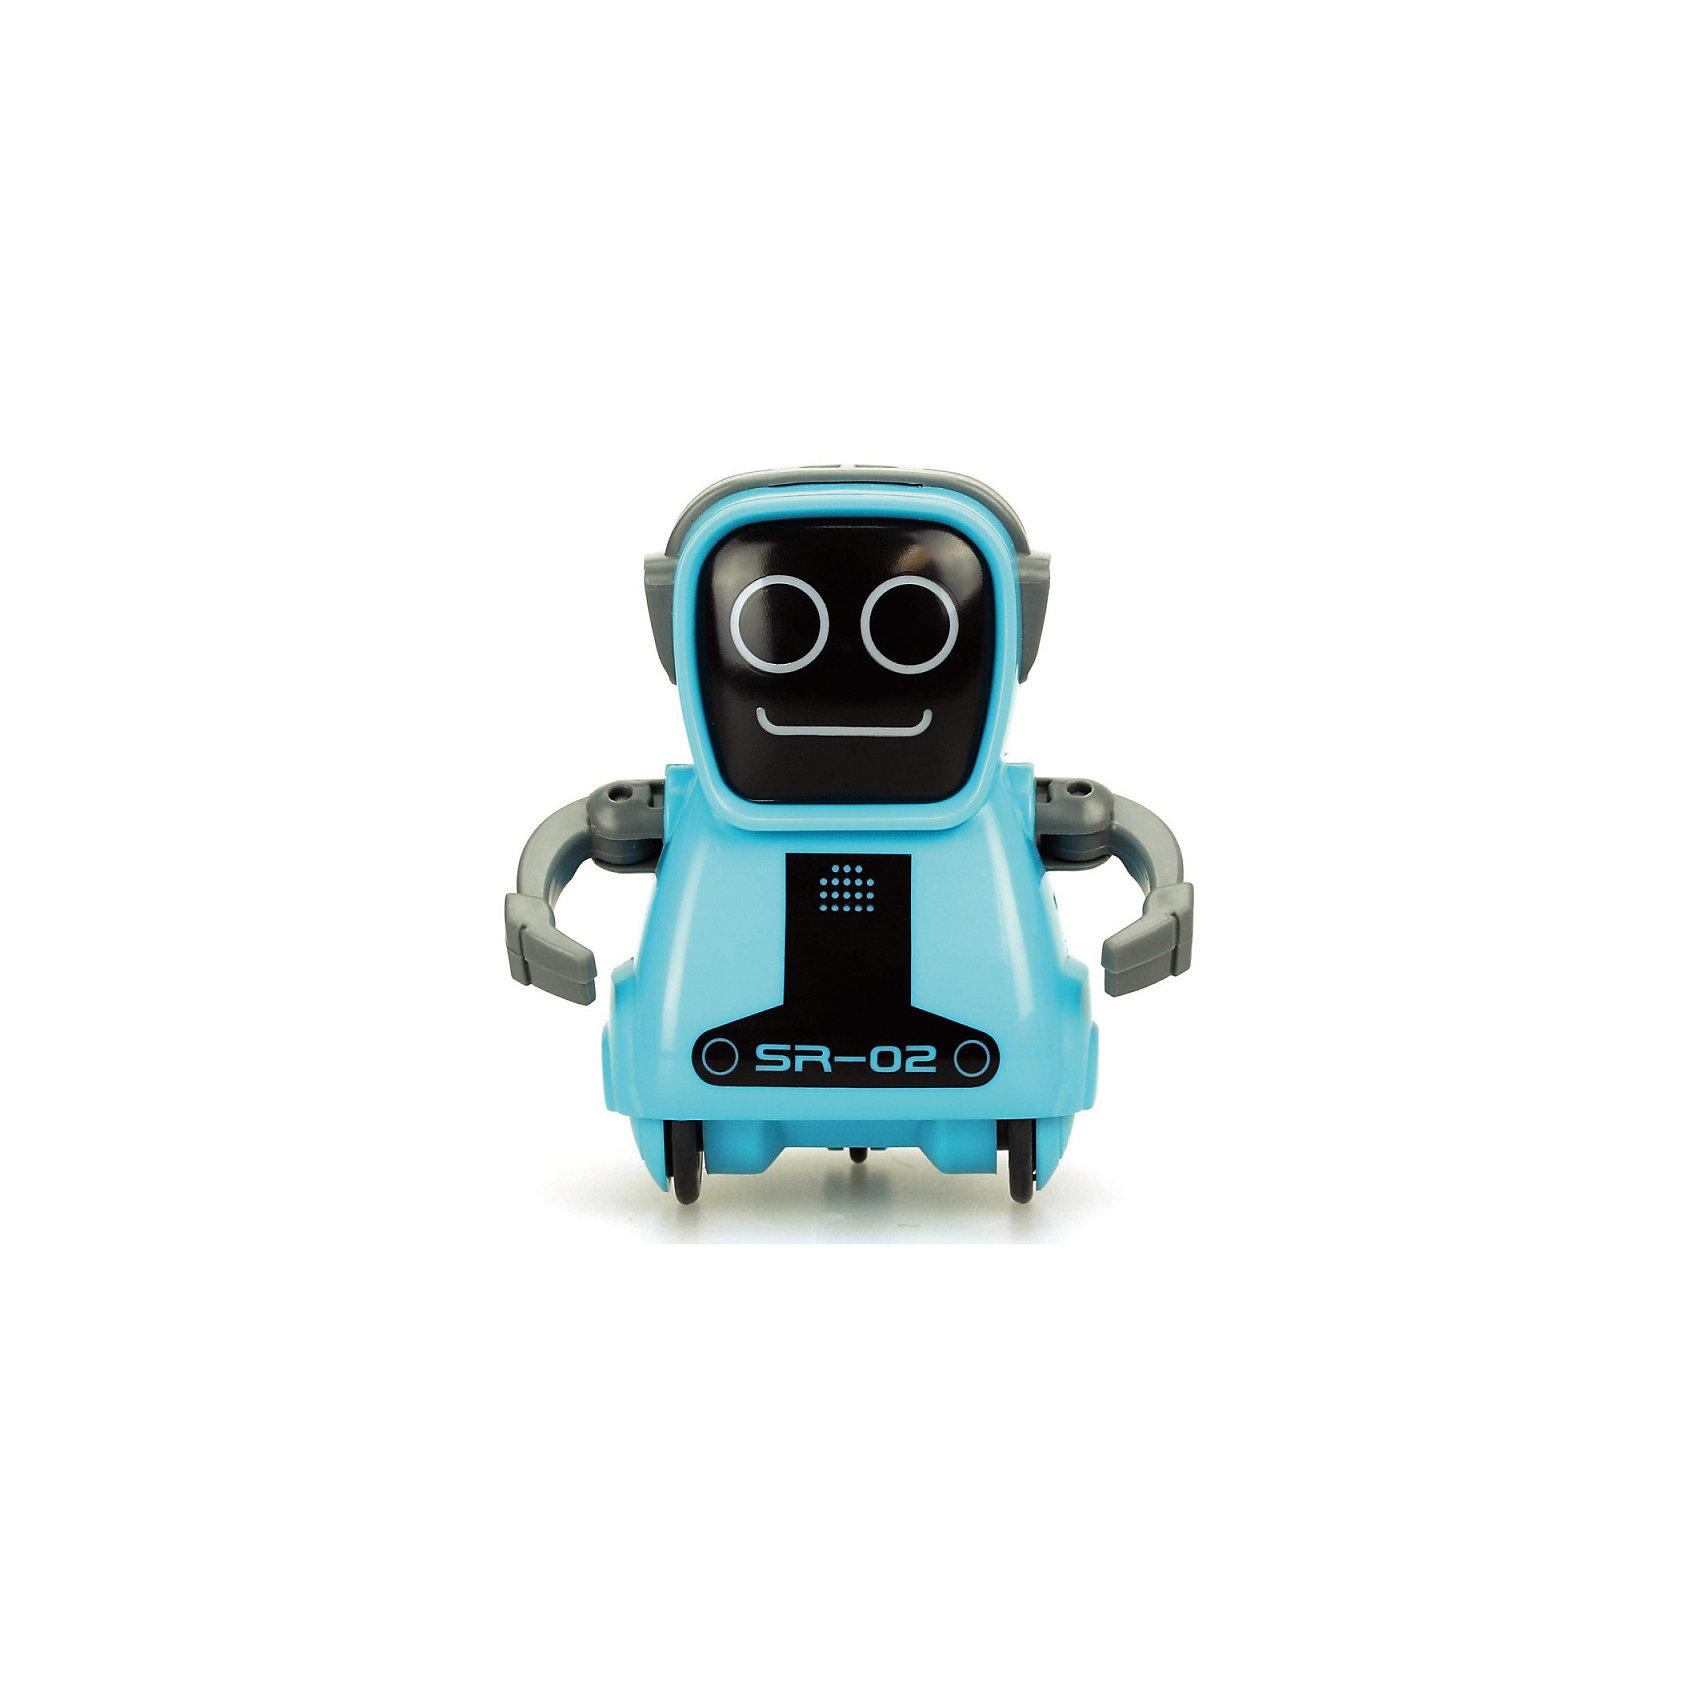 Робот Покибот (Pokibot), SilverlitРоботы<br><br><br>Ширина мм: 380<br>Глубина мм: 430<br>Высота мм: 280<br>Вес г: 333<br>Возраст от месяцев: 36<br>Возраст до месяцев: 144<br>Пол: Мужской<br>Возраст: Детский<br>SKU: 5532620